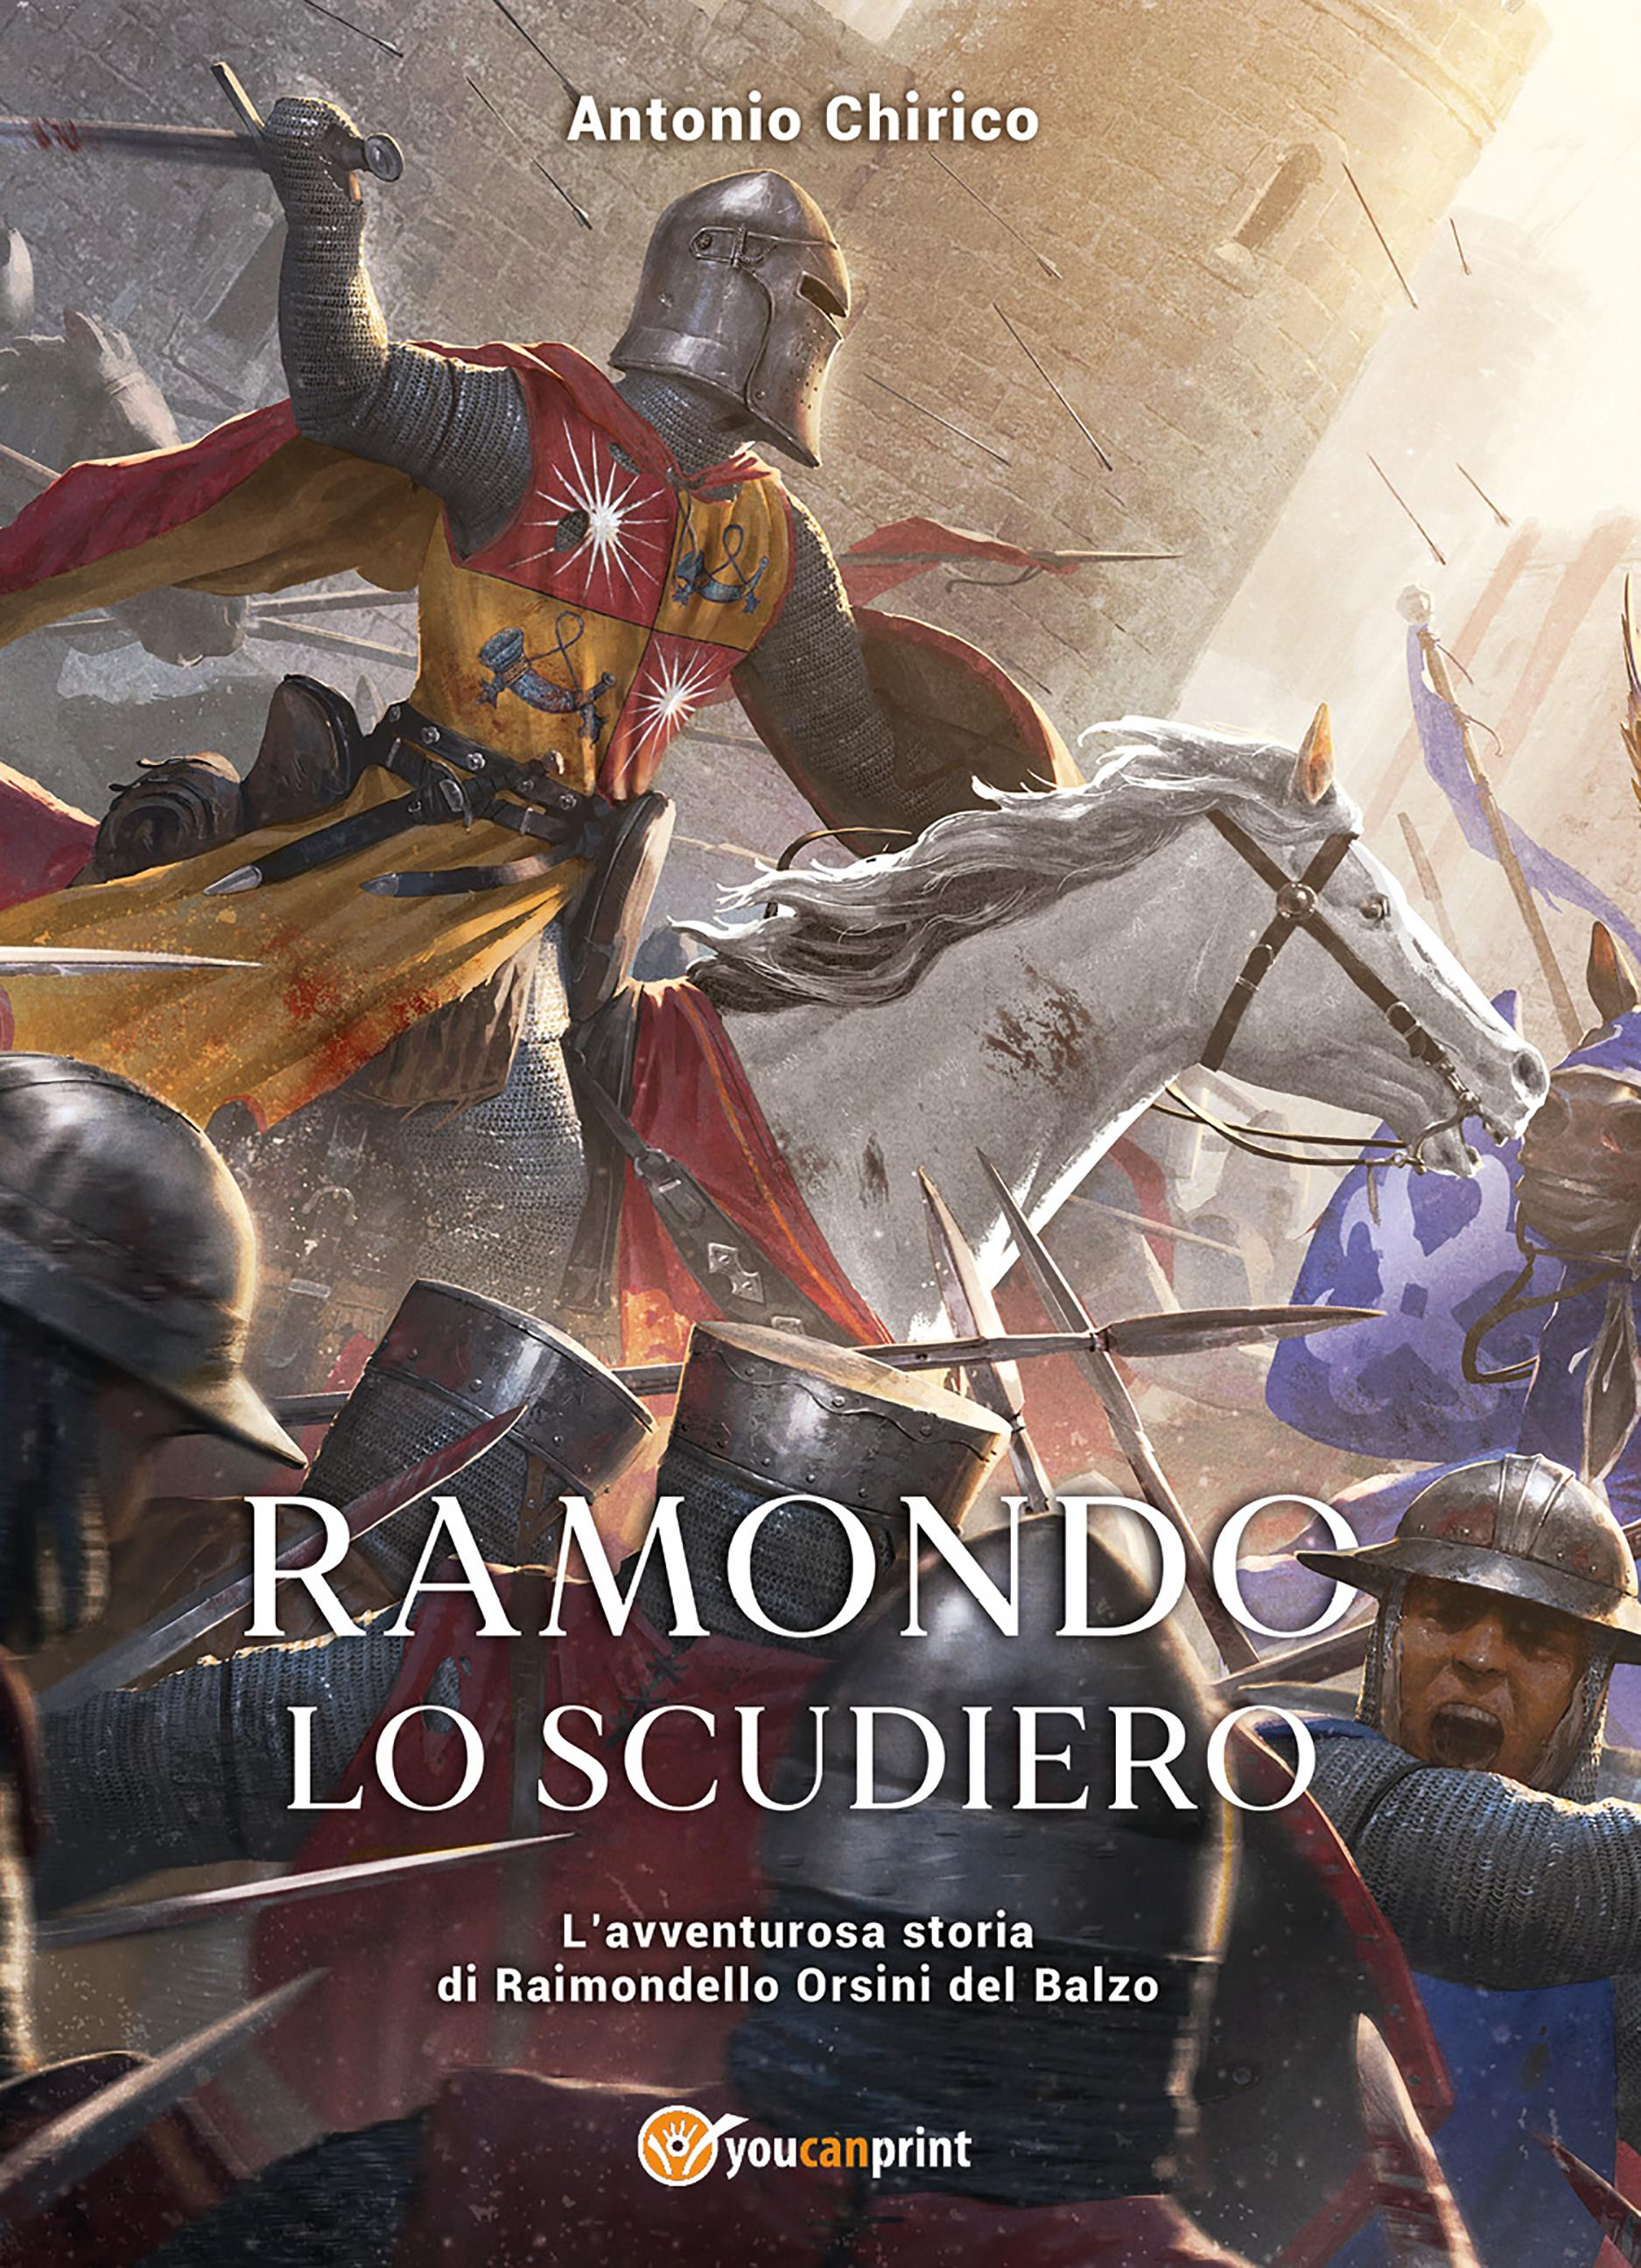 Ramondo lo scudiero. - L'avventurosa storia di Raimondello Orsini del Balzo